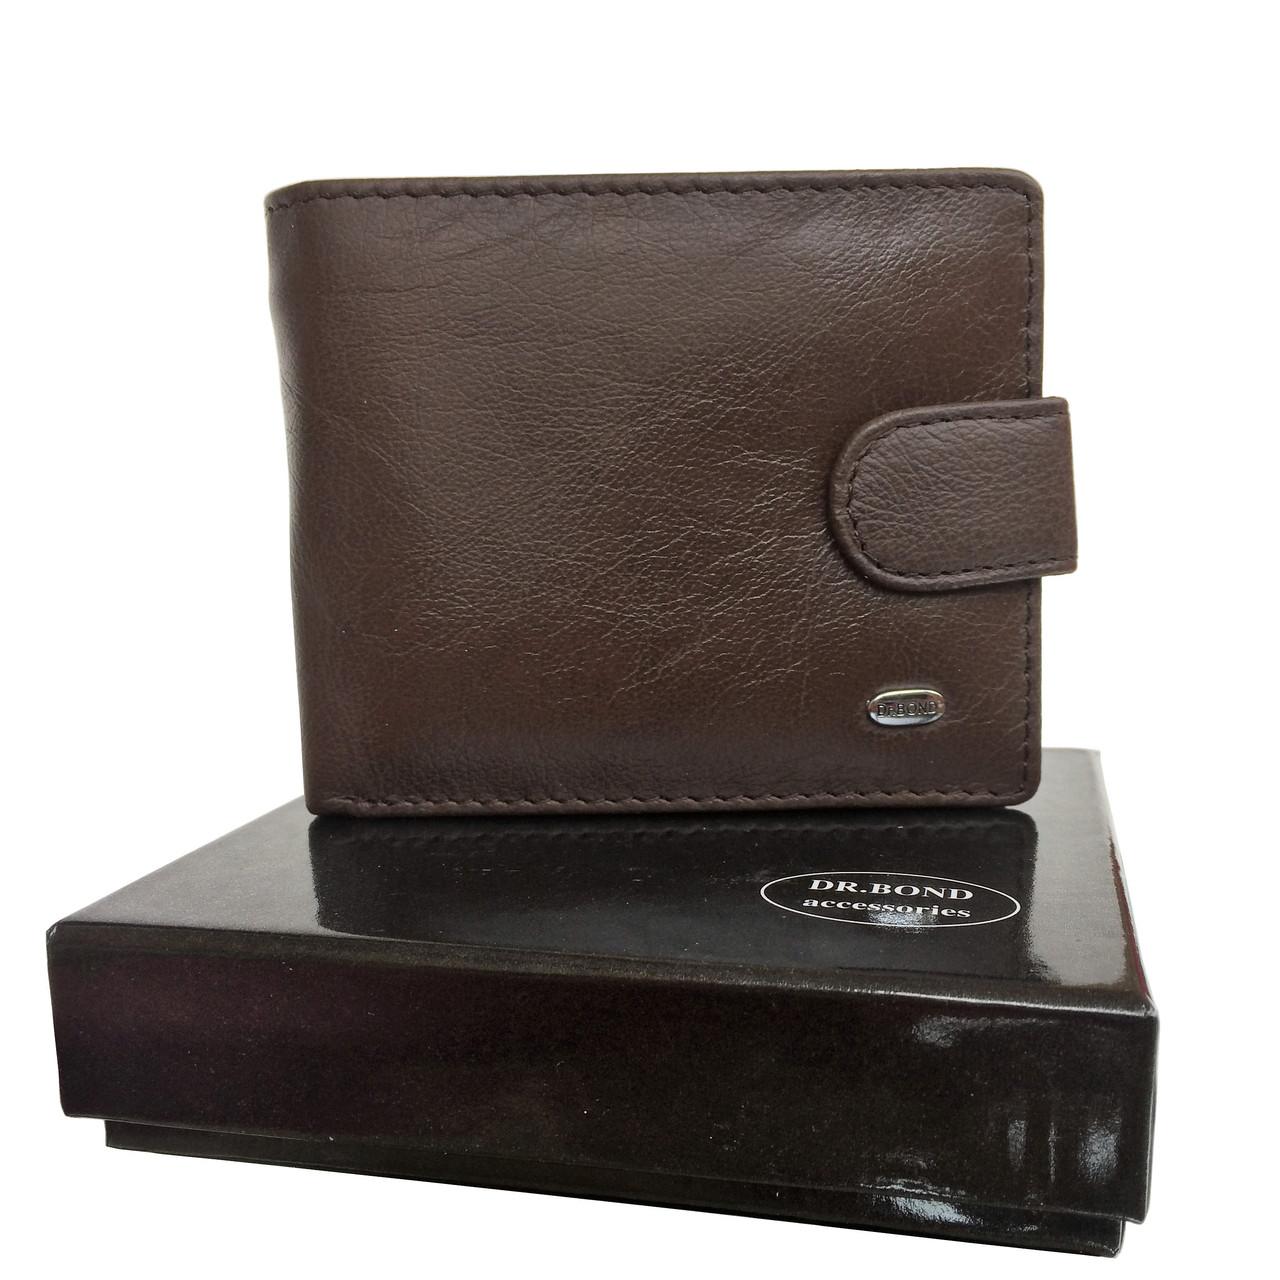 Мужской кошелек Dr. Bond из натуральной кожи. Черный и коричневый цвет., фото 1